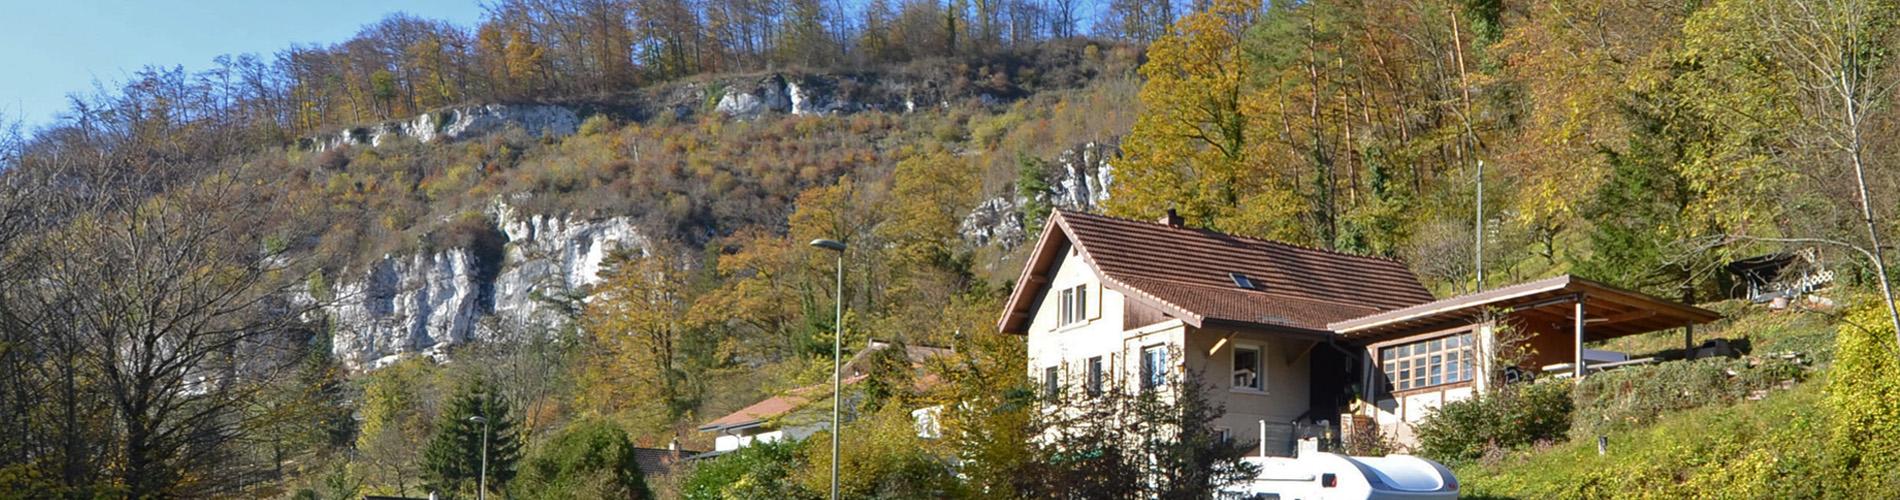 Freistehendes Einfamilienhaus mit eigenem Wald